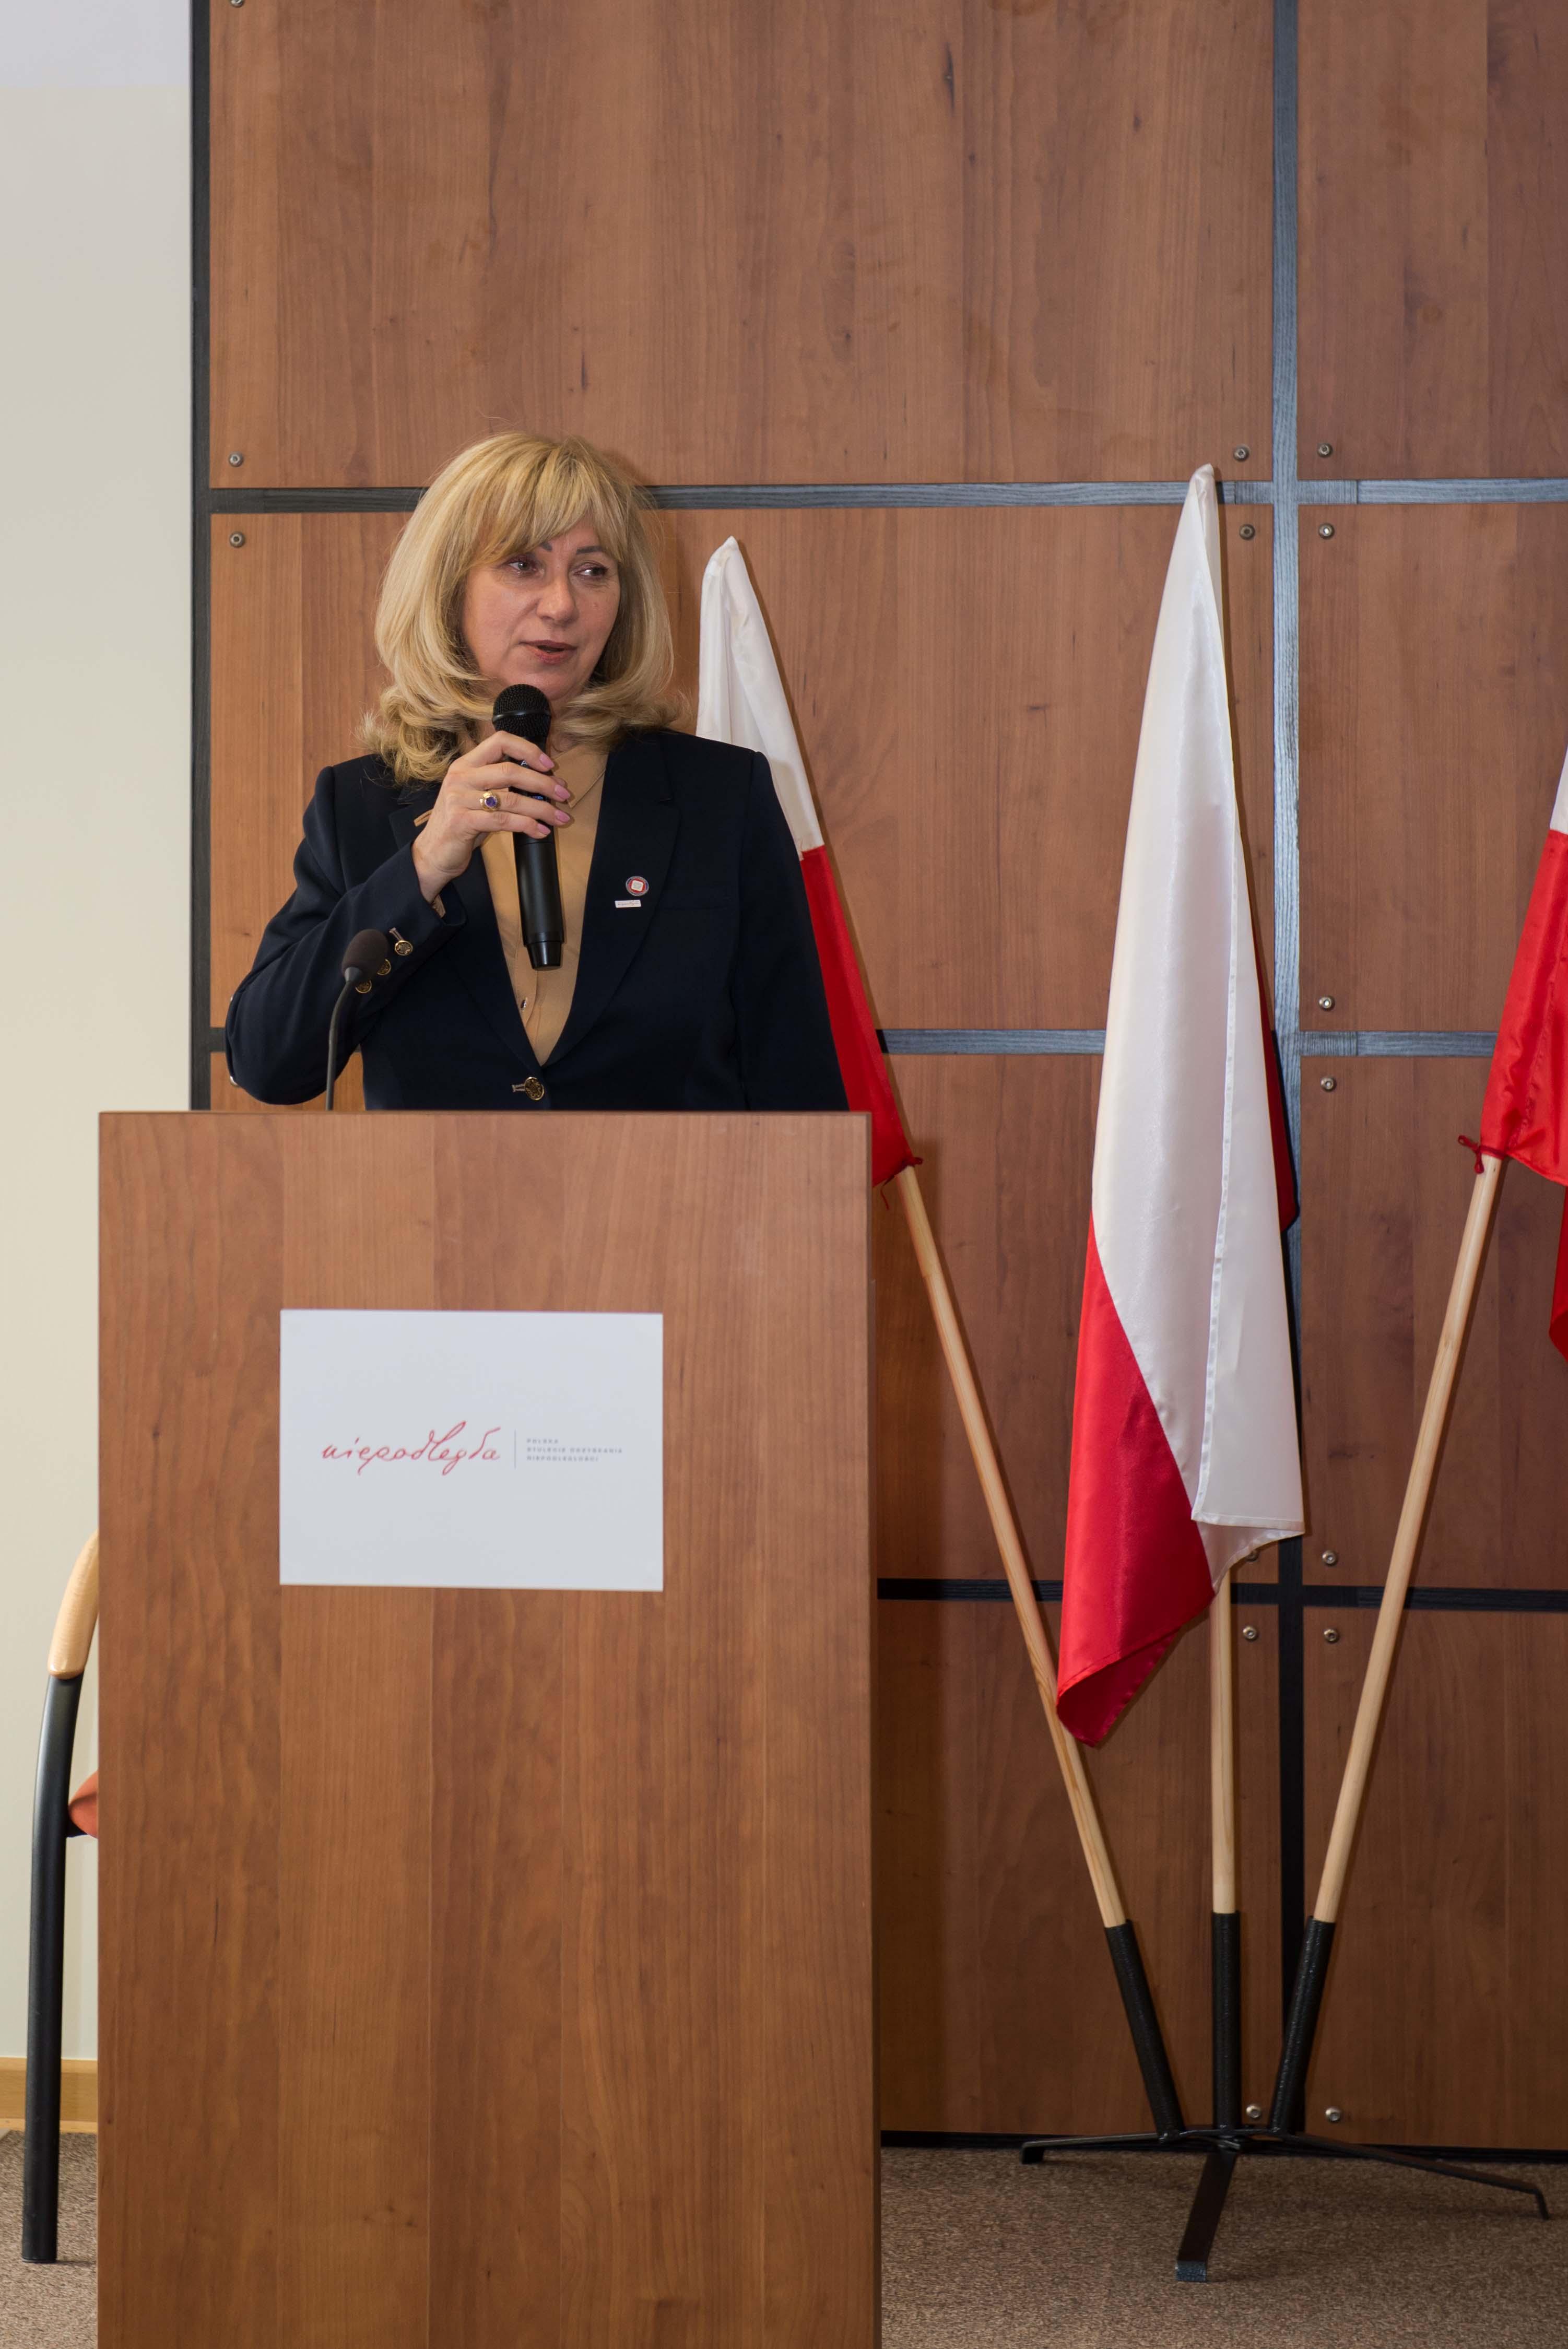 Konferencja jubileuszowa z okazji 100-lecia odzyskania niepodległości i 99-lecia służb sanitarnych w Polsce. Na mównicy stoi pani Maria Pawlak, Państwowy Wojewódzki Inspektor Sanitarny w Warszawie. Otwarcie konferencji i przywitanie zaproszonych gości.